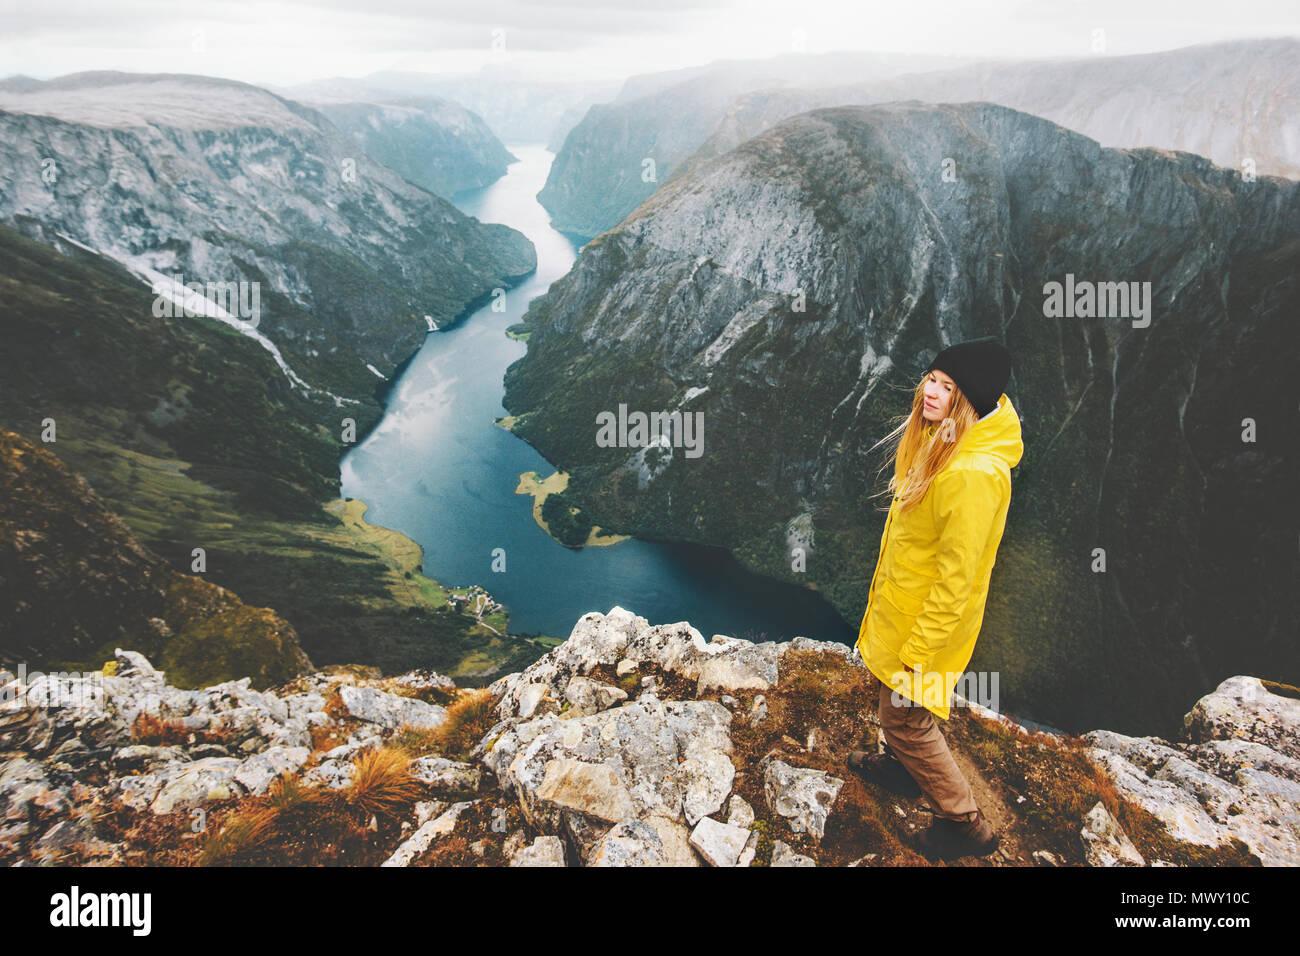 Woman traveler sur falaise montagne voyager seul vacances d'aventure de vie en Norvège fjord aérienne voir girl wearing imperméable jaune walki Photo Stock